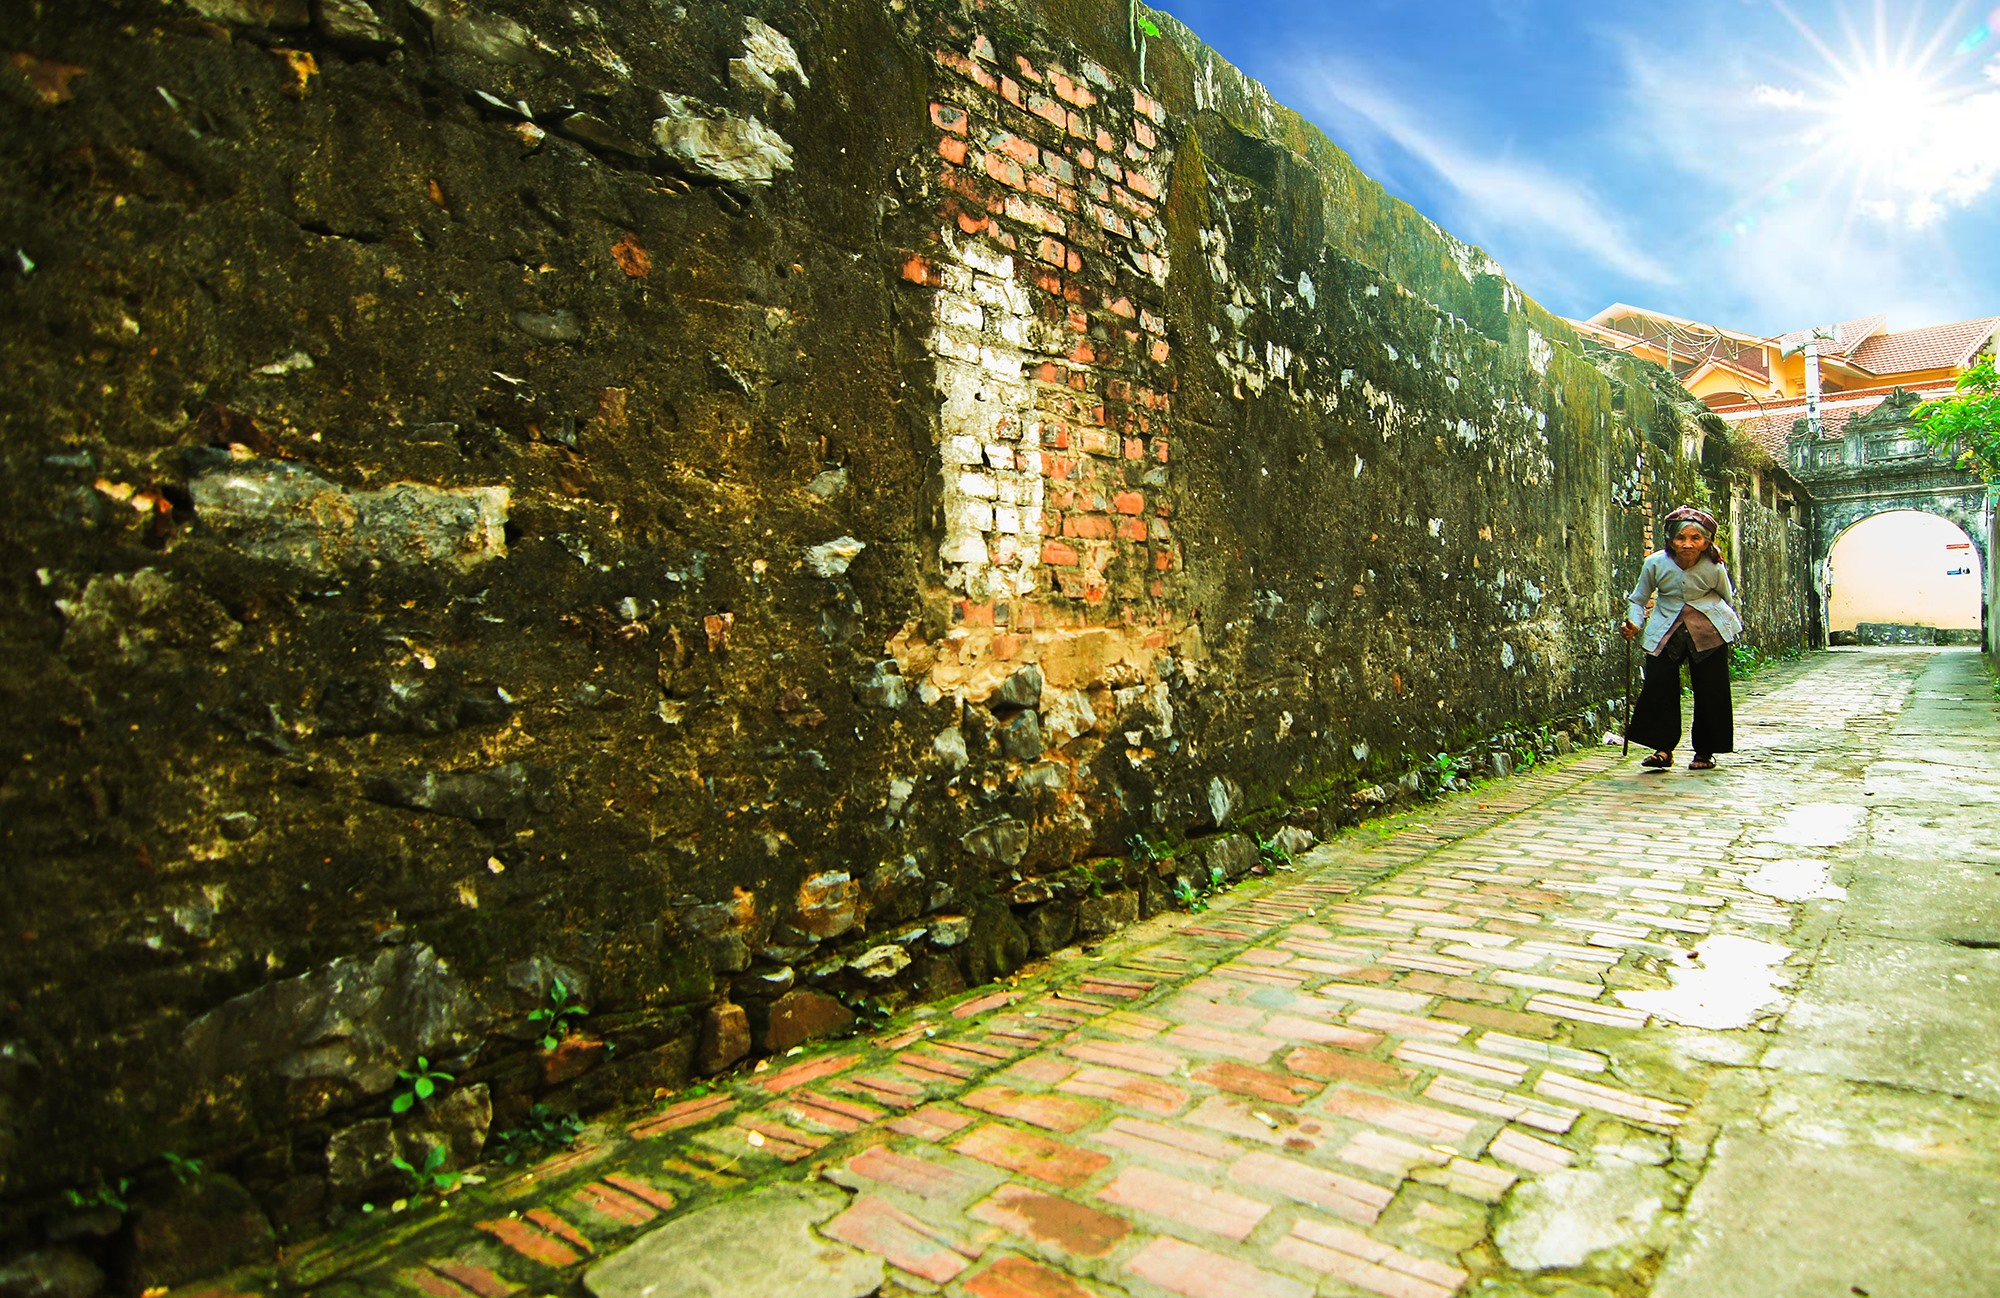 Tại làng cổ Đông Sơn hiện vẫn còn nhiều dải tường phủ rêu rất cổ kính.